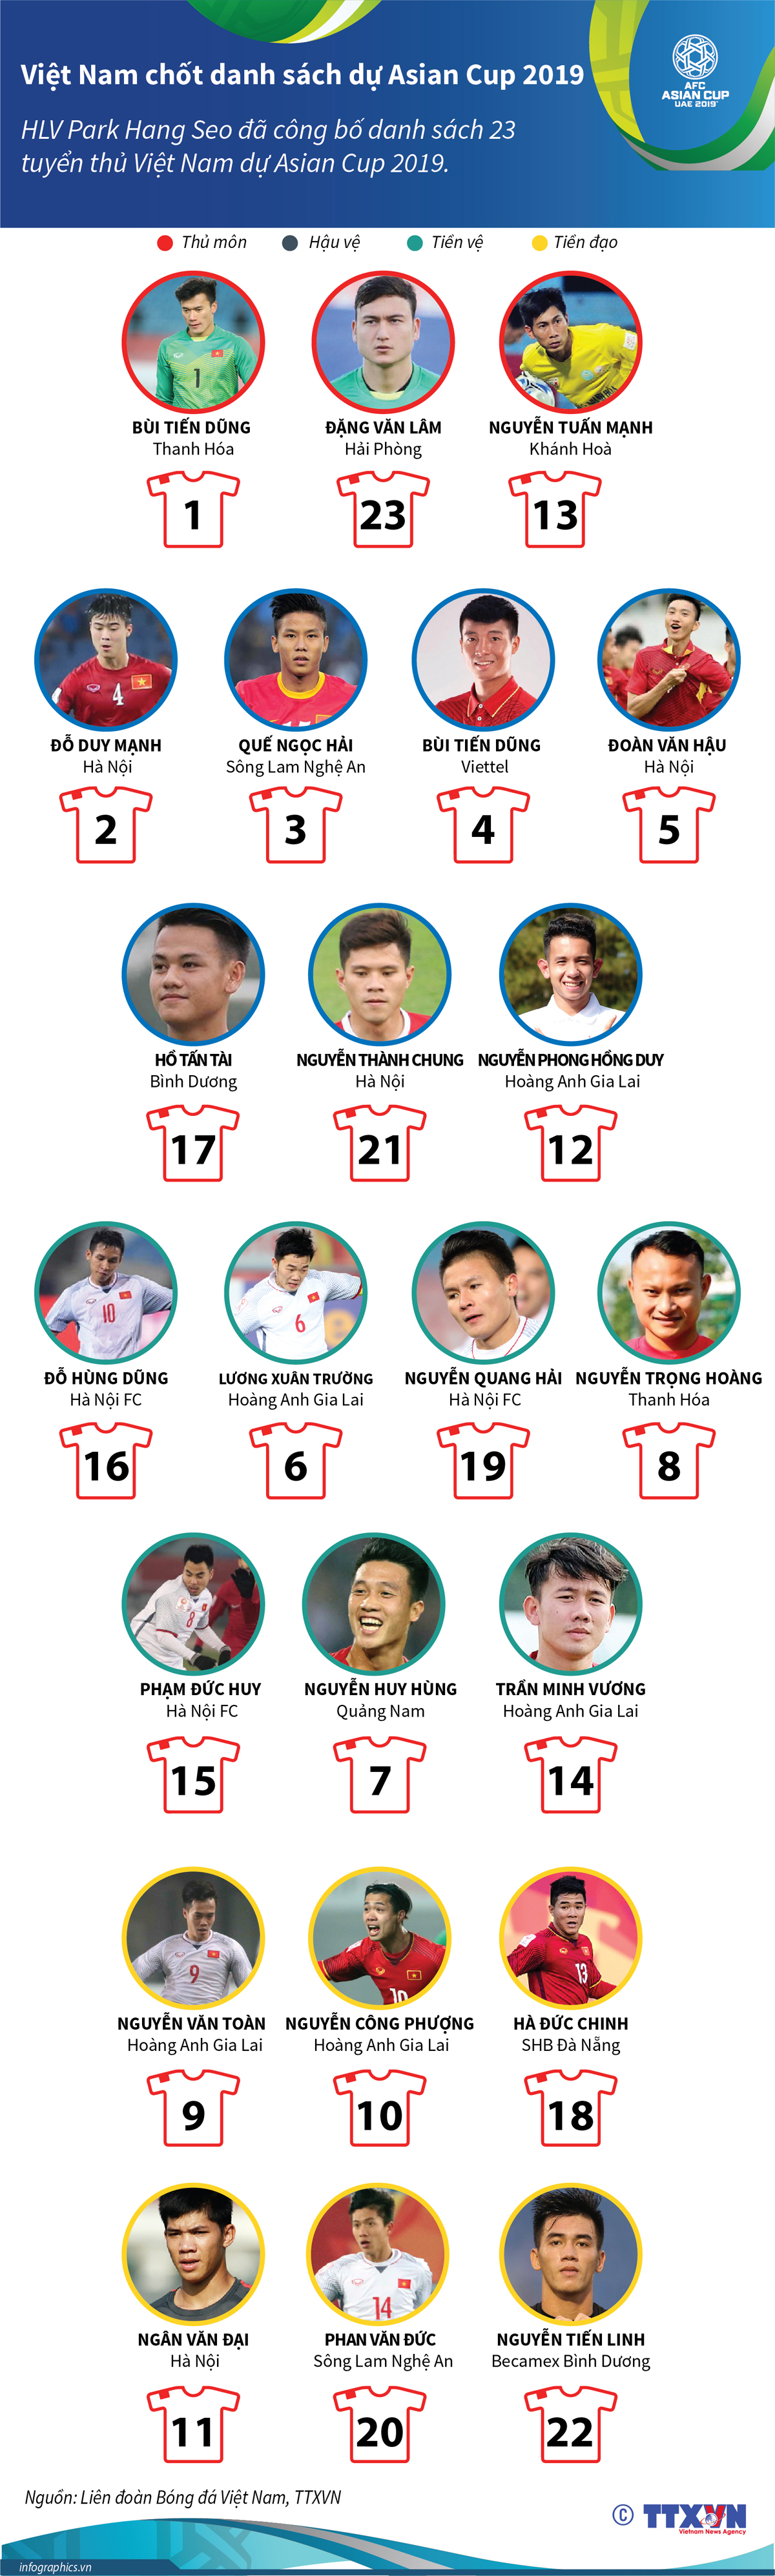 Việt Nam, danh sách, Asian cup 2019, tuyển Việt Nam